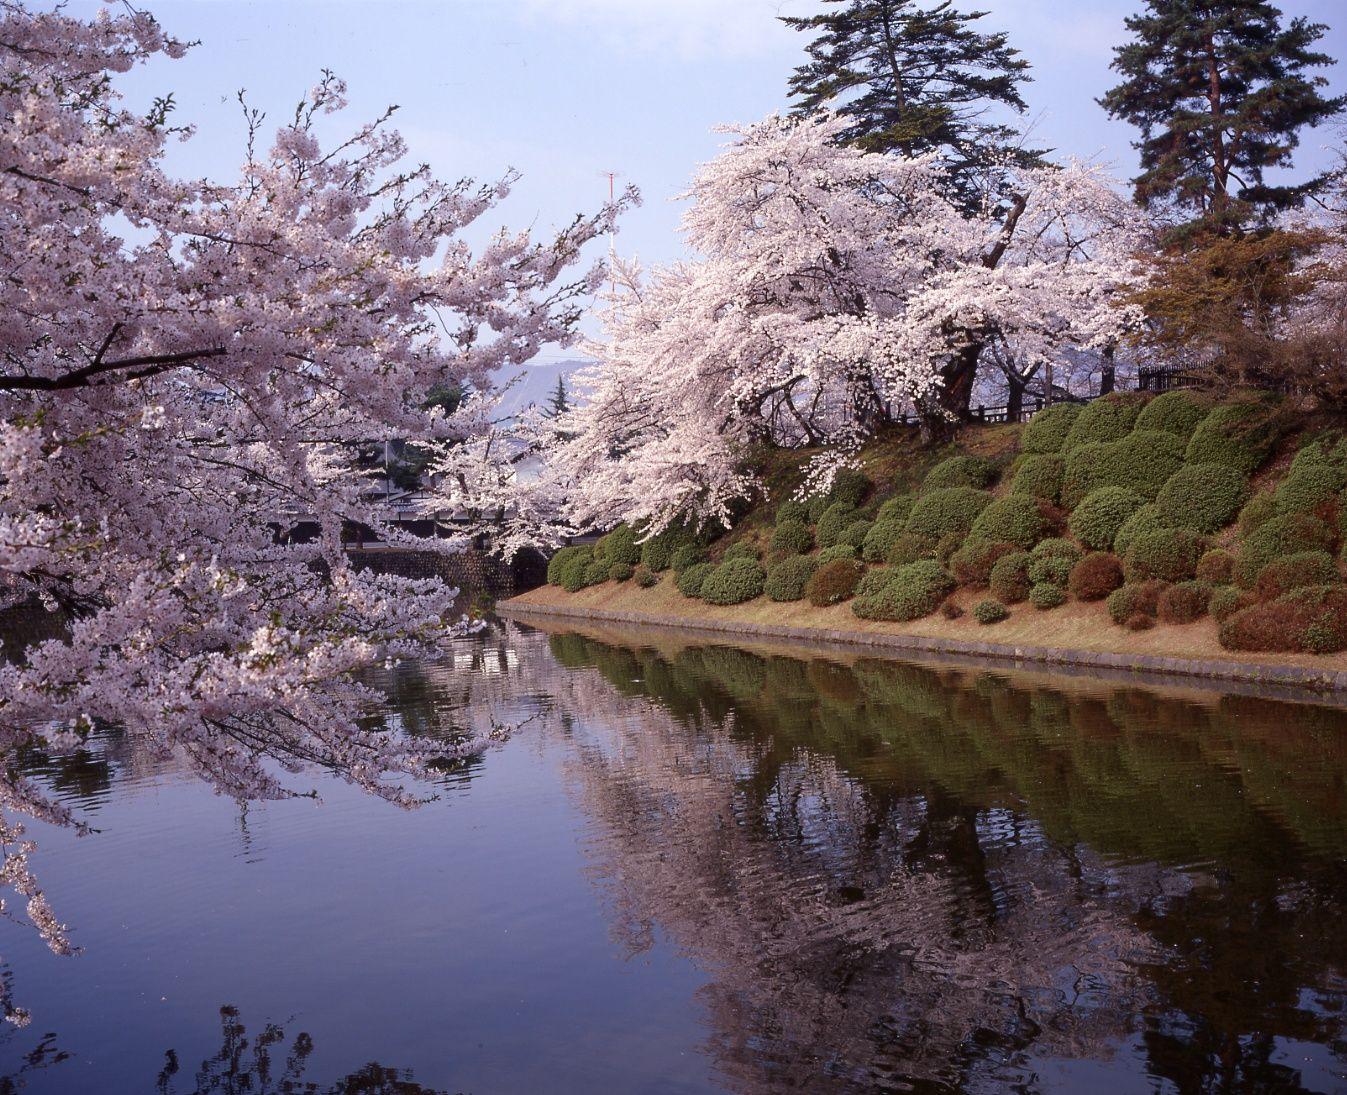 4月29日からの上杉神社・松が岬公園周辺について:画像